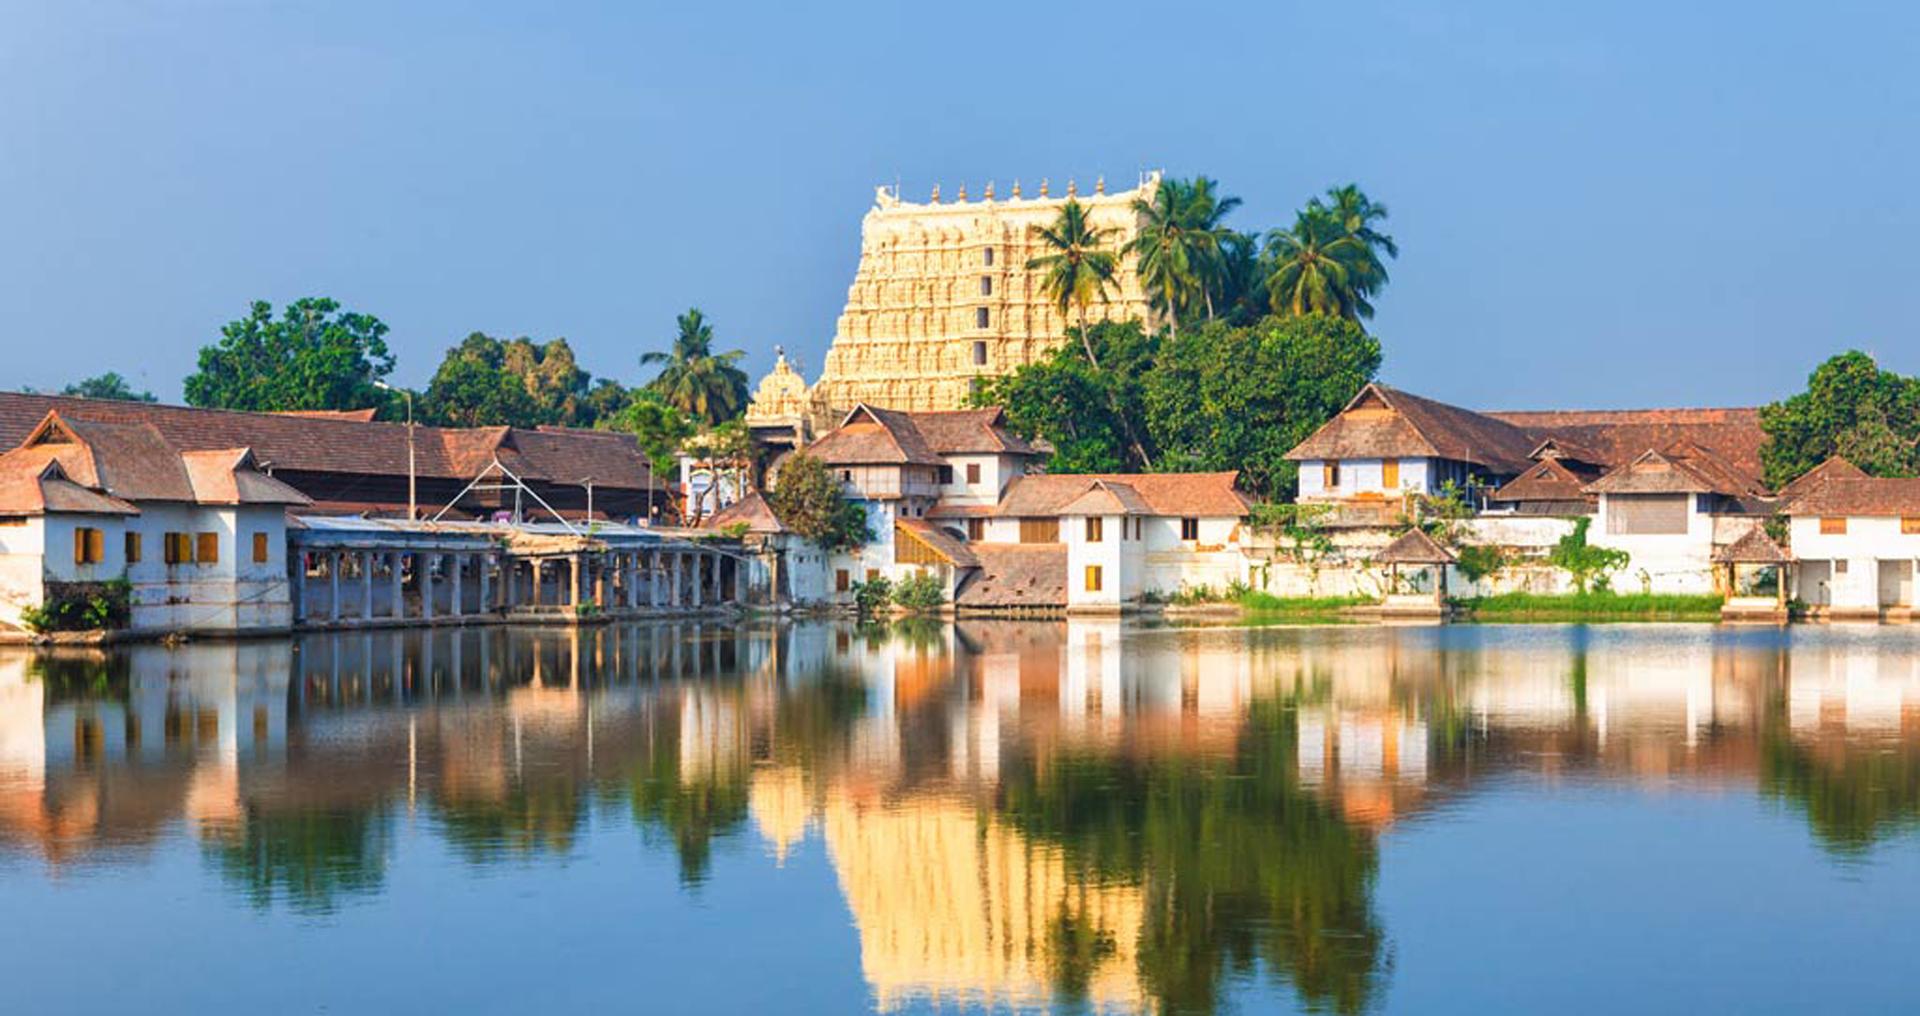 El templo de Padmanabhaswamy se encuentra en India (Istock)